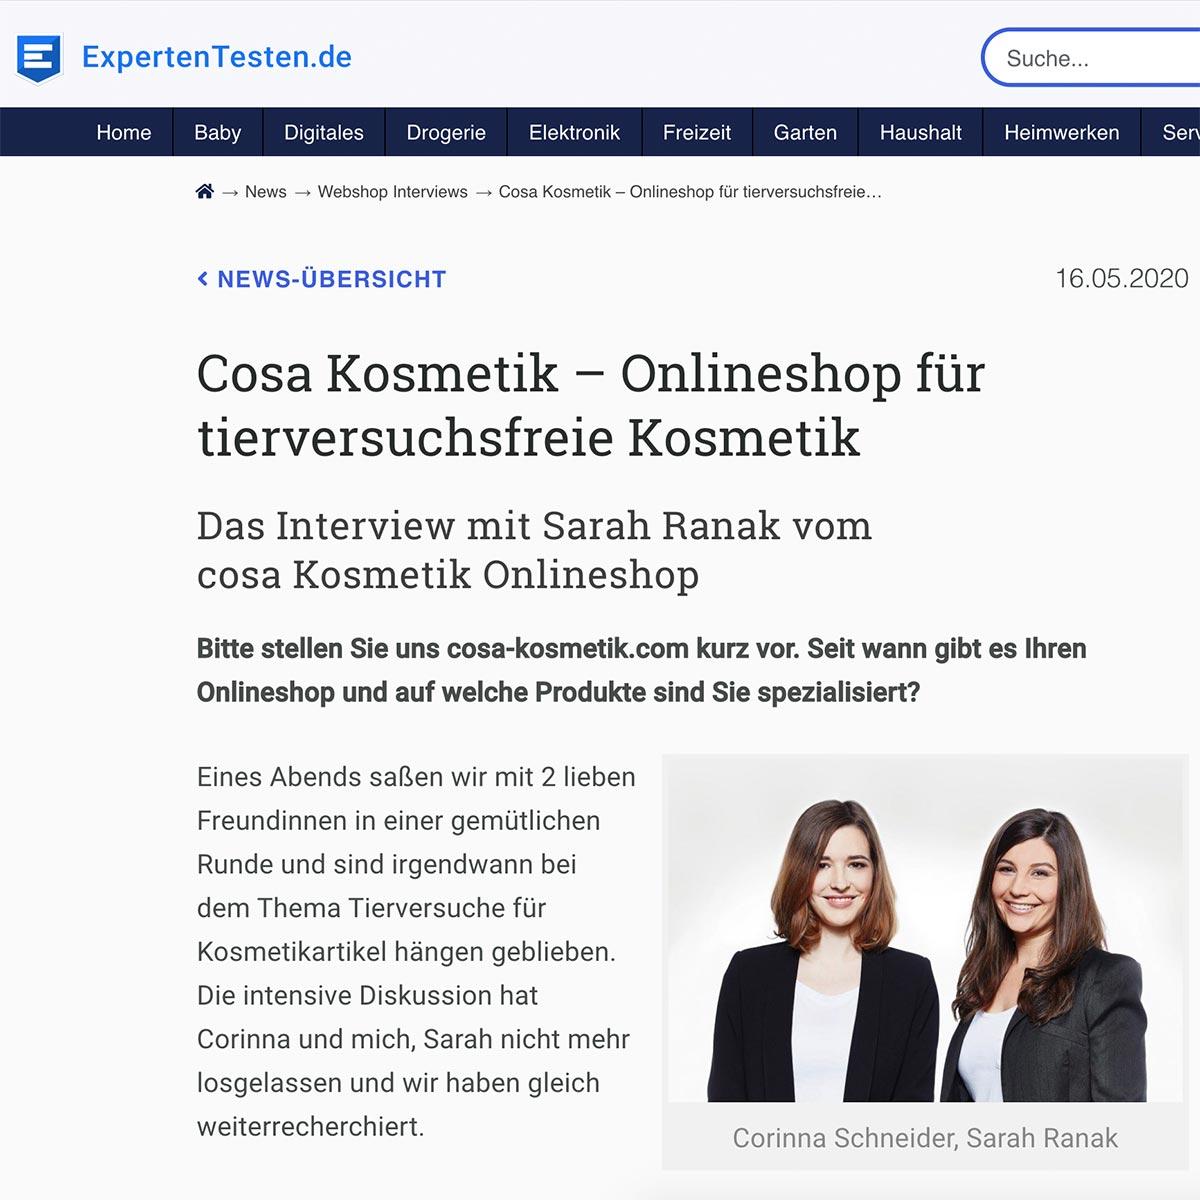 cosa Kosmetik im Interview mit ExpertenTesten.de